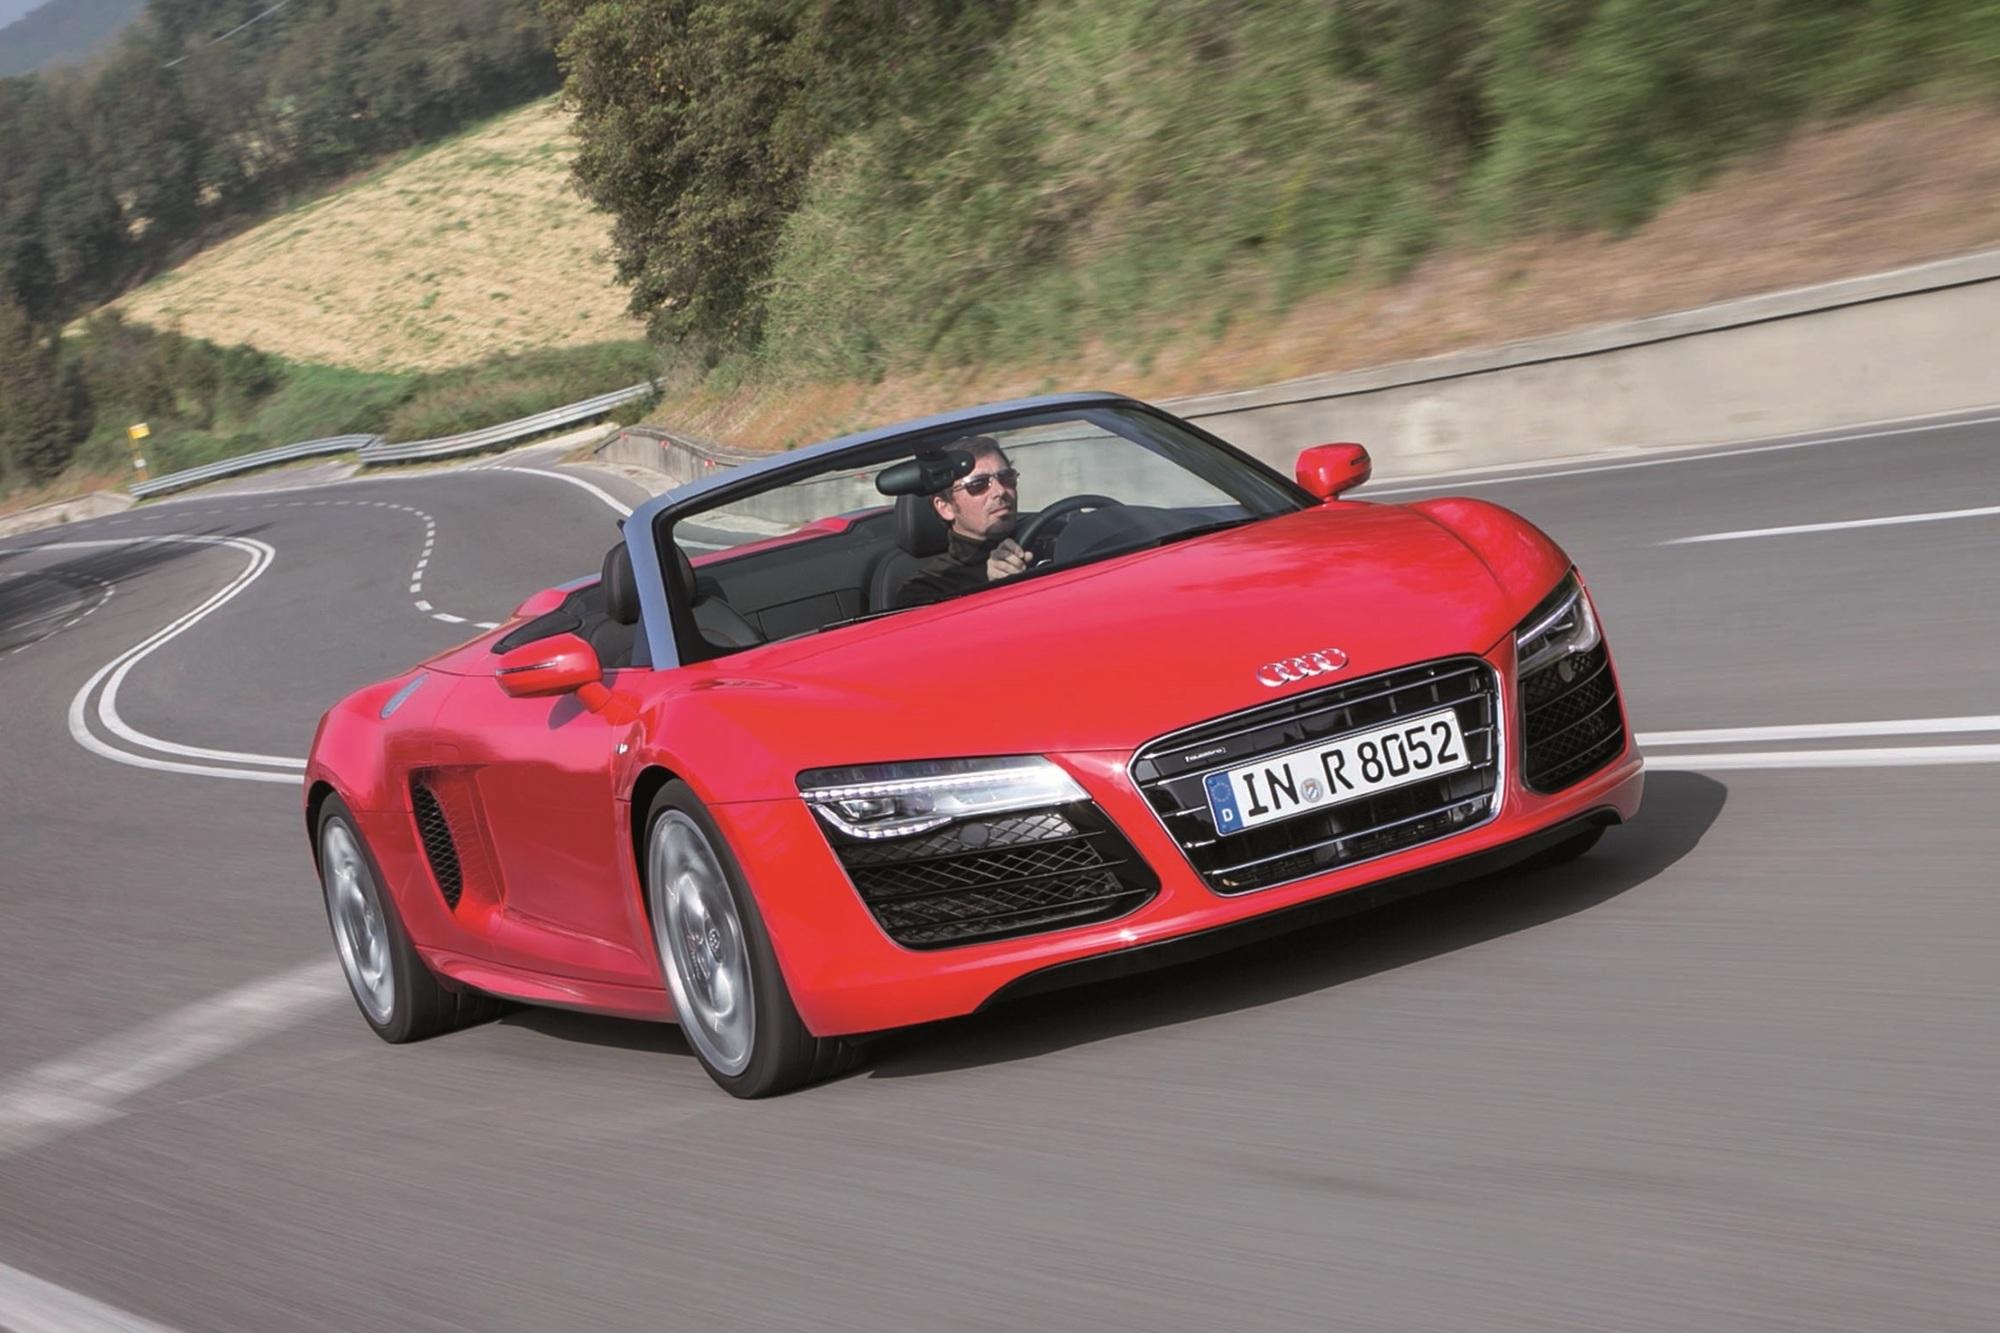 Test: Audi R8 Spyder V10 5.2 - Schön gealtert